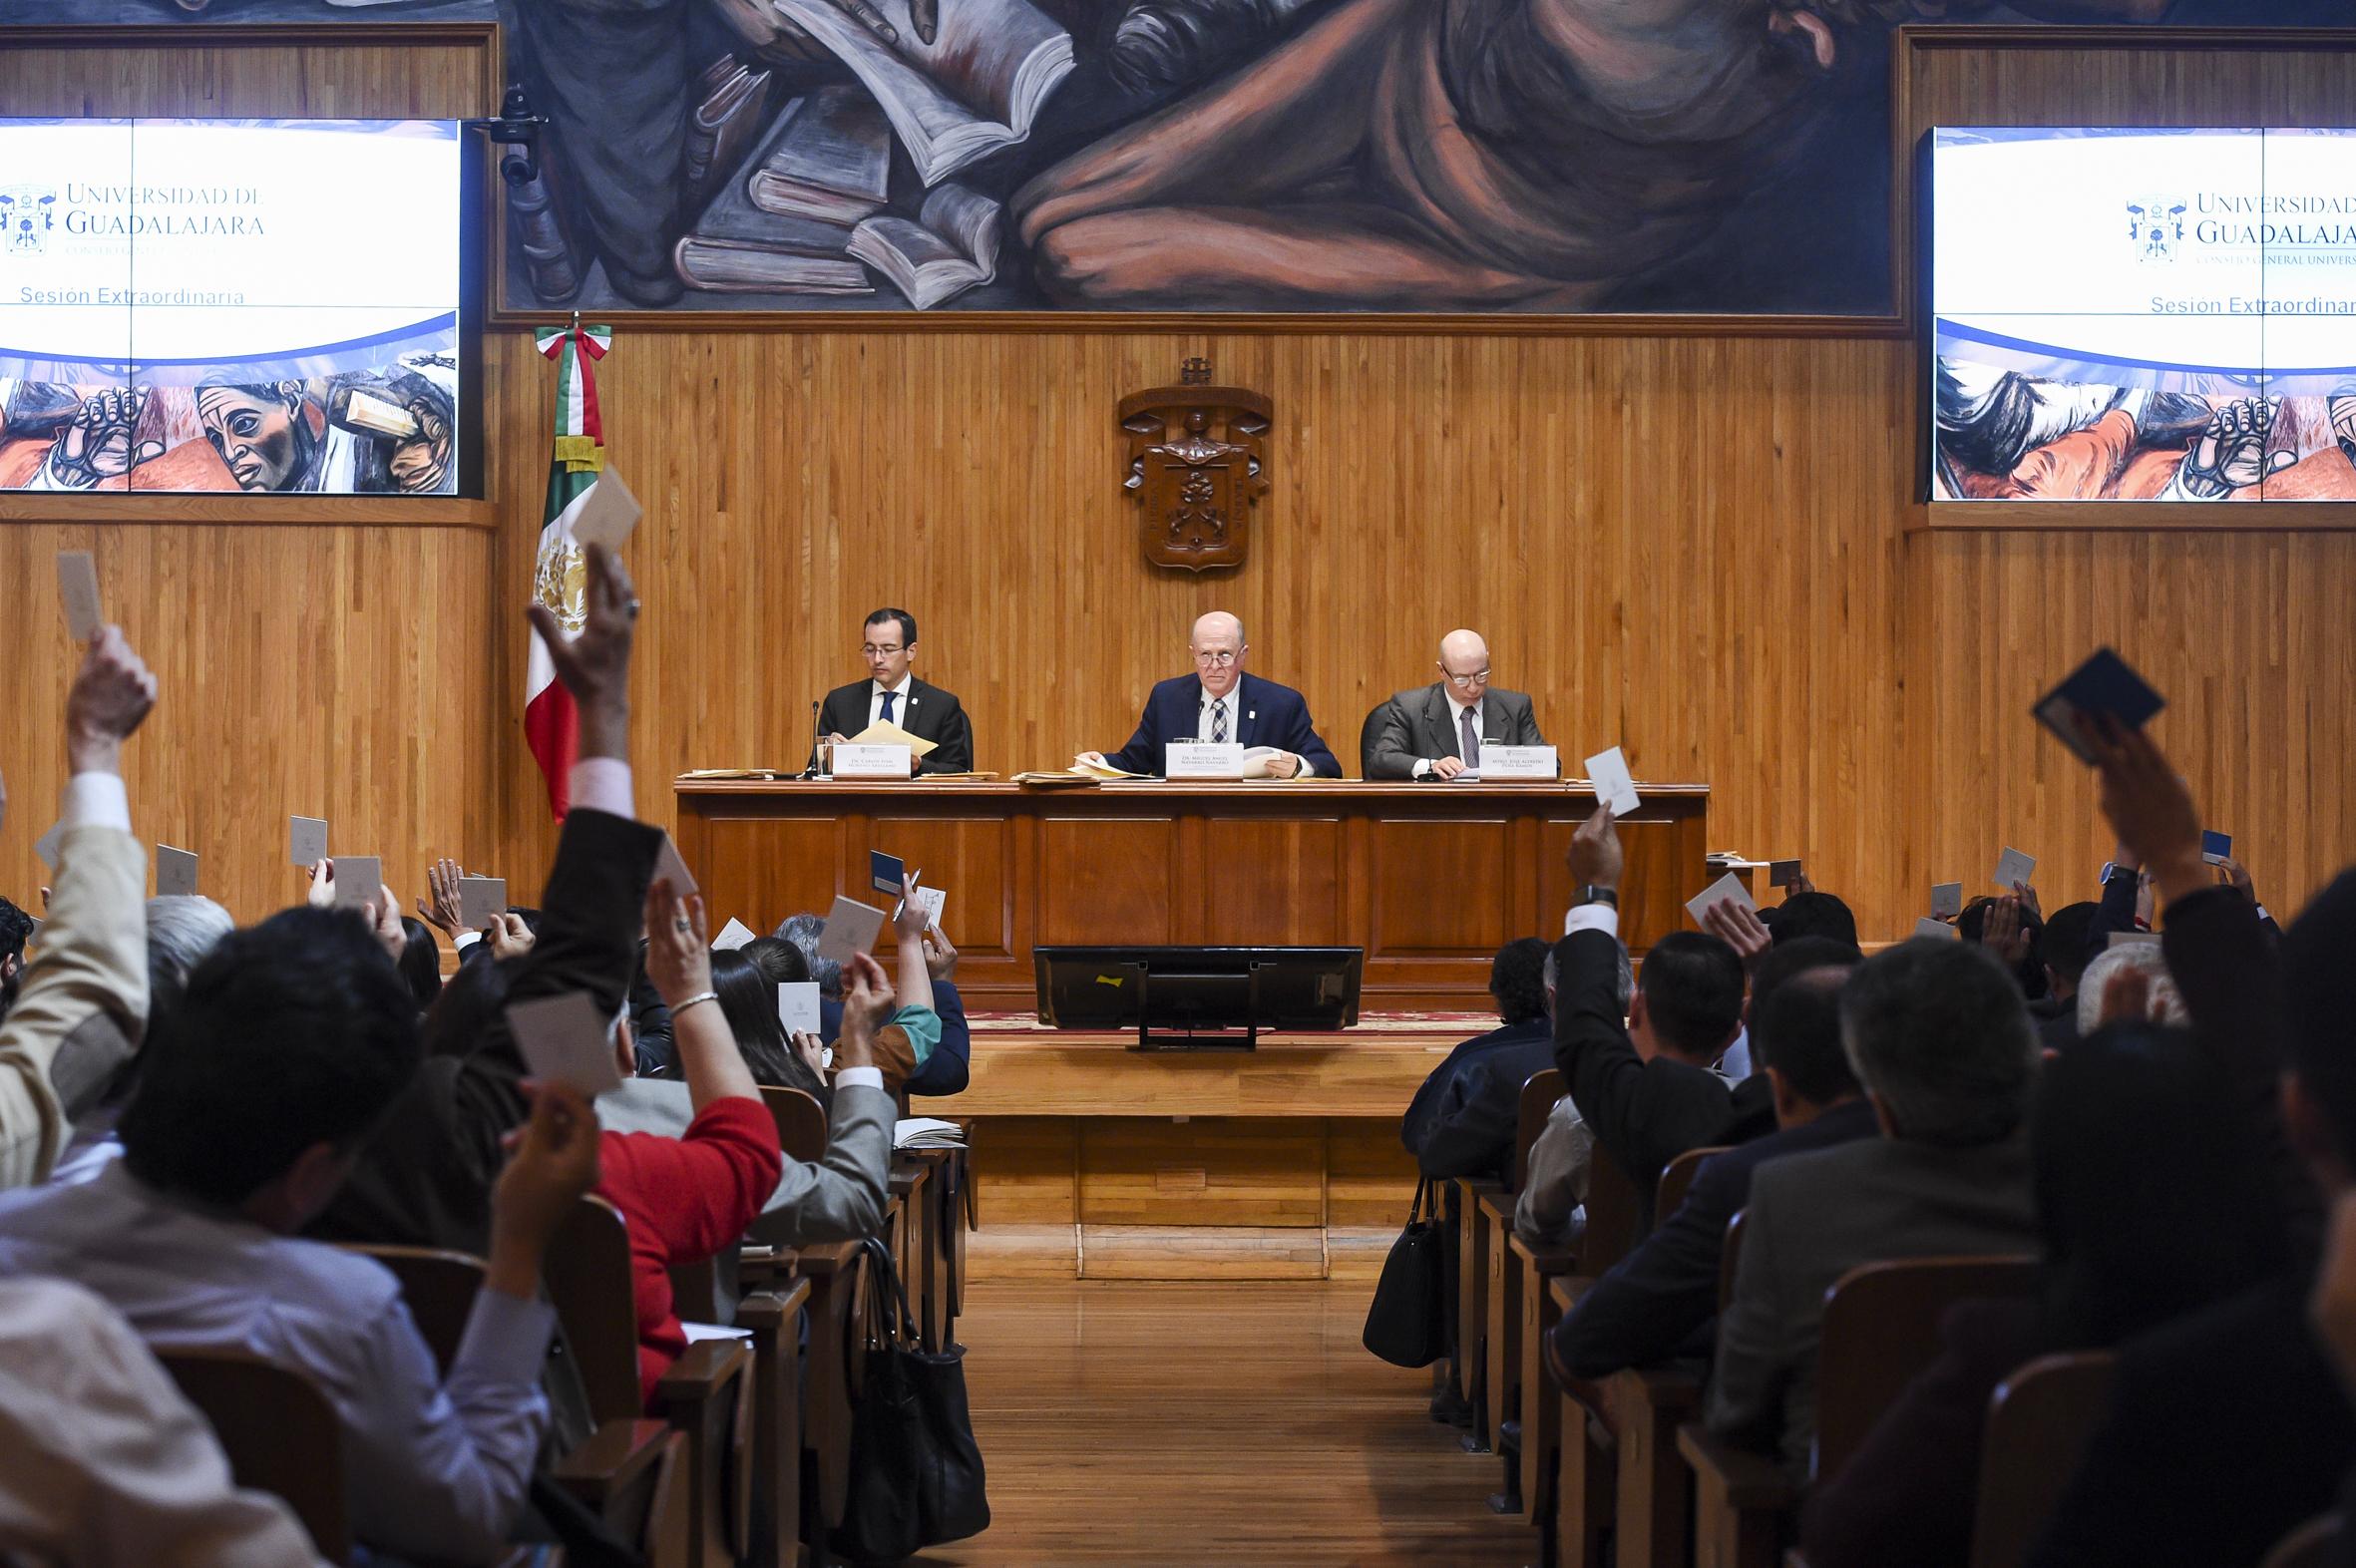 Sesión extraordinaria de Consejo General Universitario